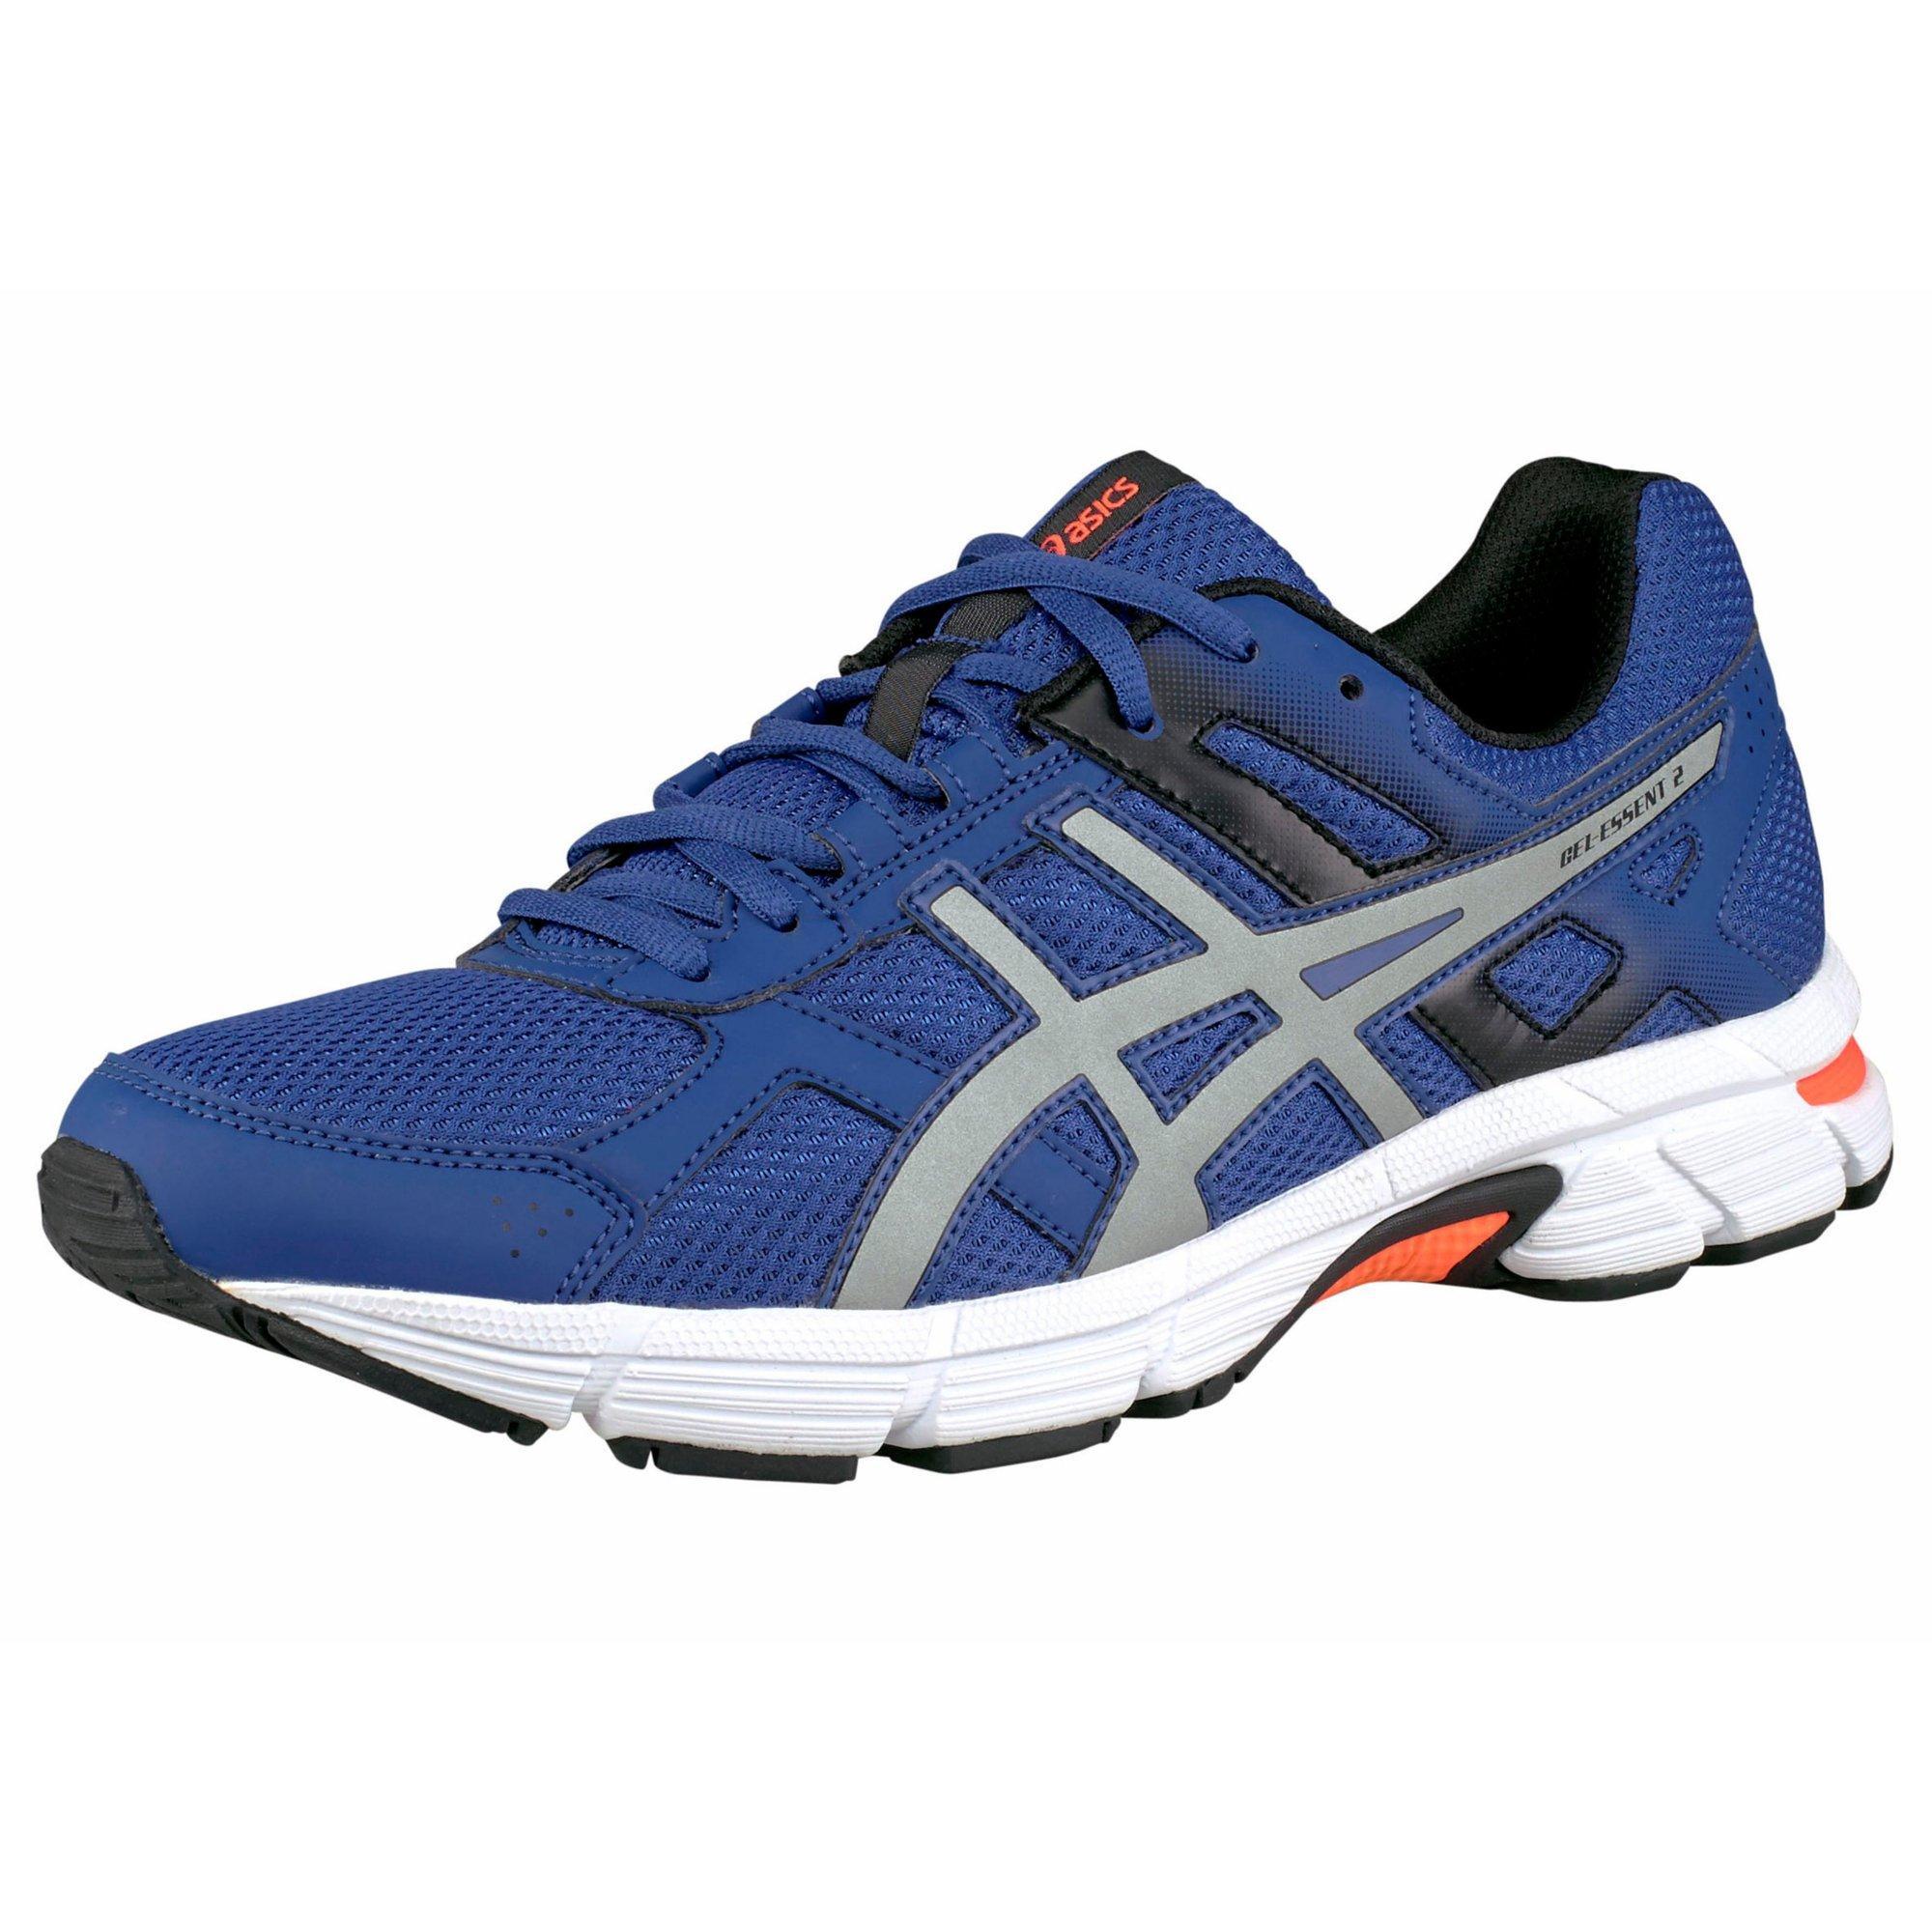 Sélection de chaussures en soldes - Ex : Asics Gel-Essent 2 - bleu ou noir (du 41 au 49)